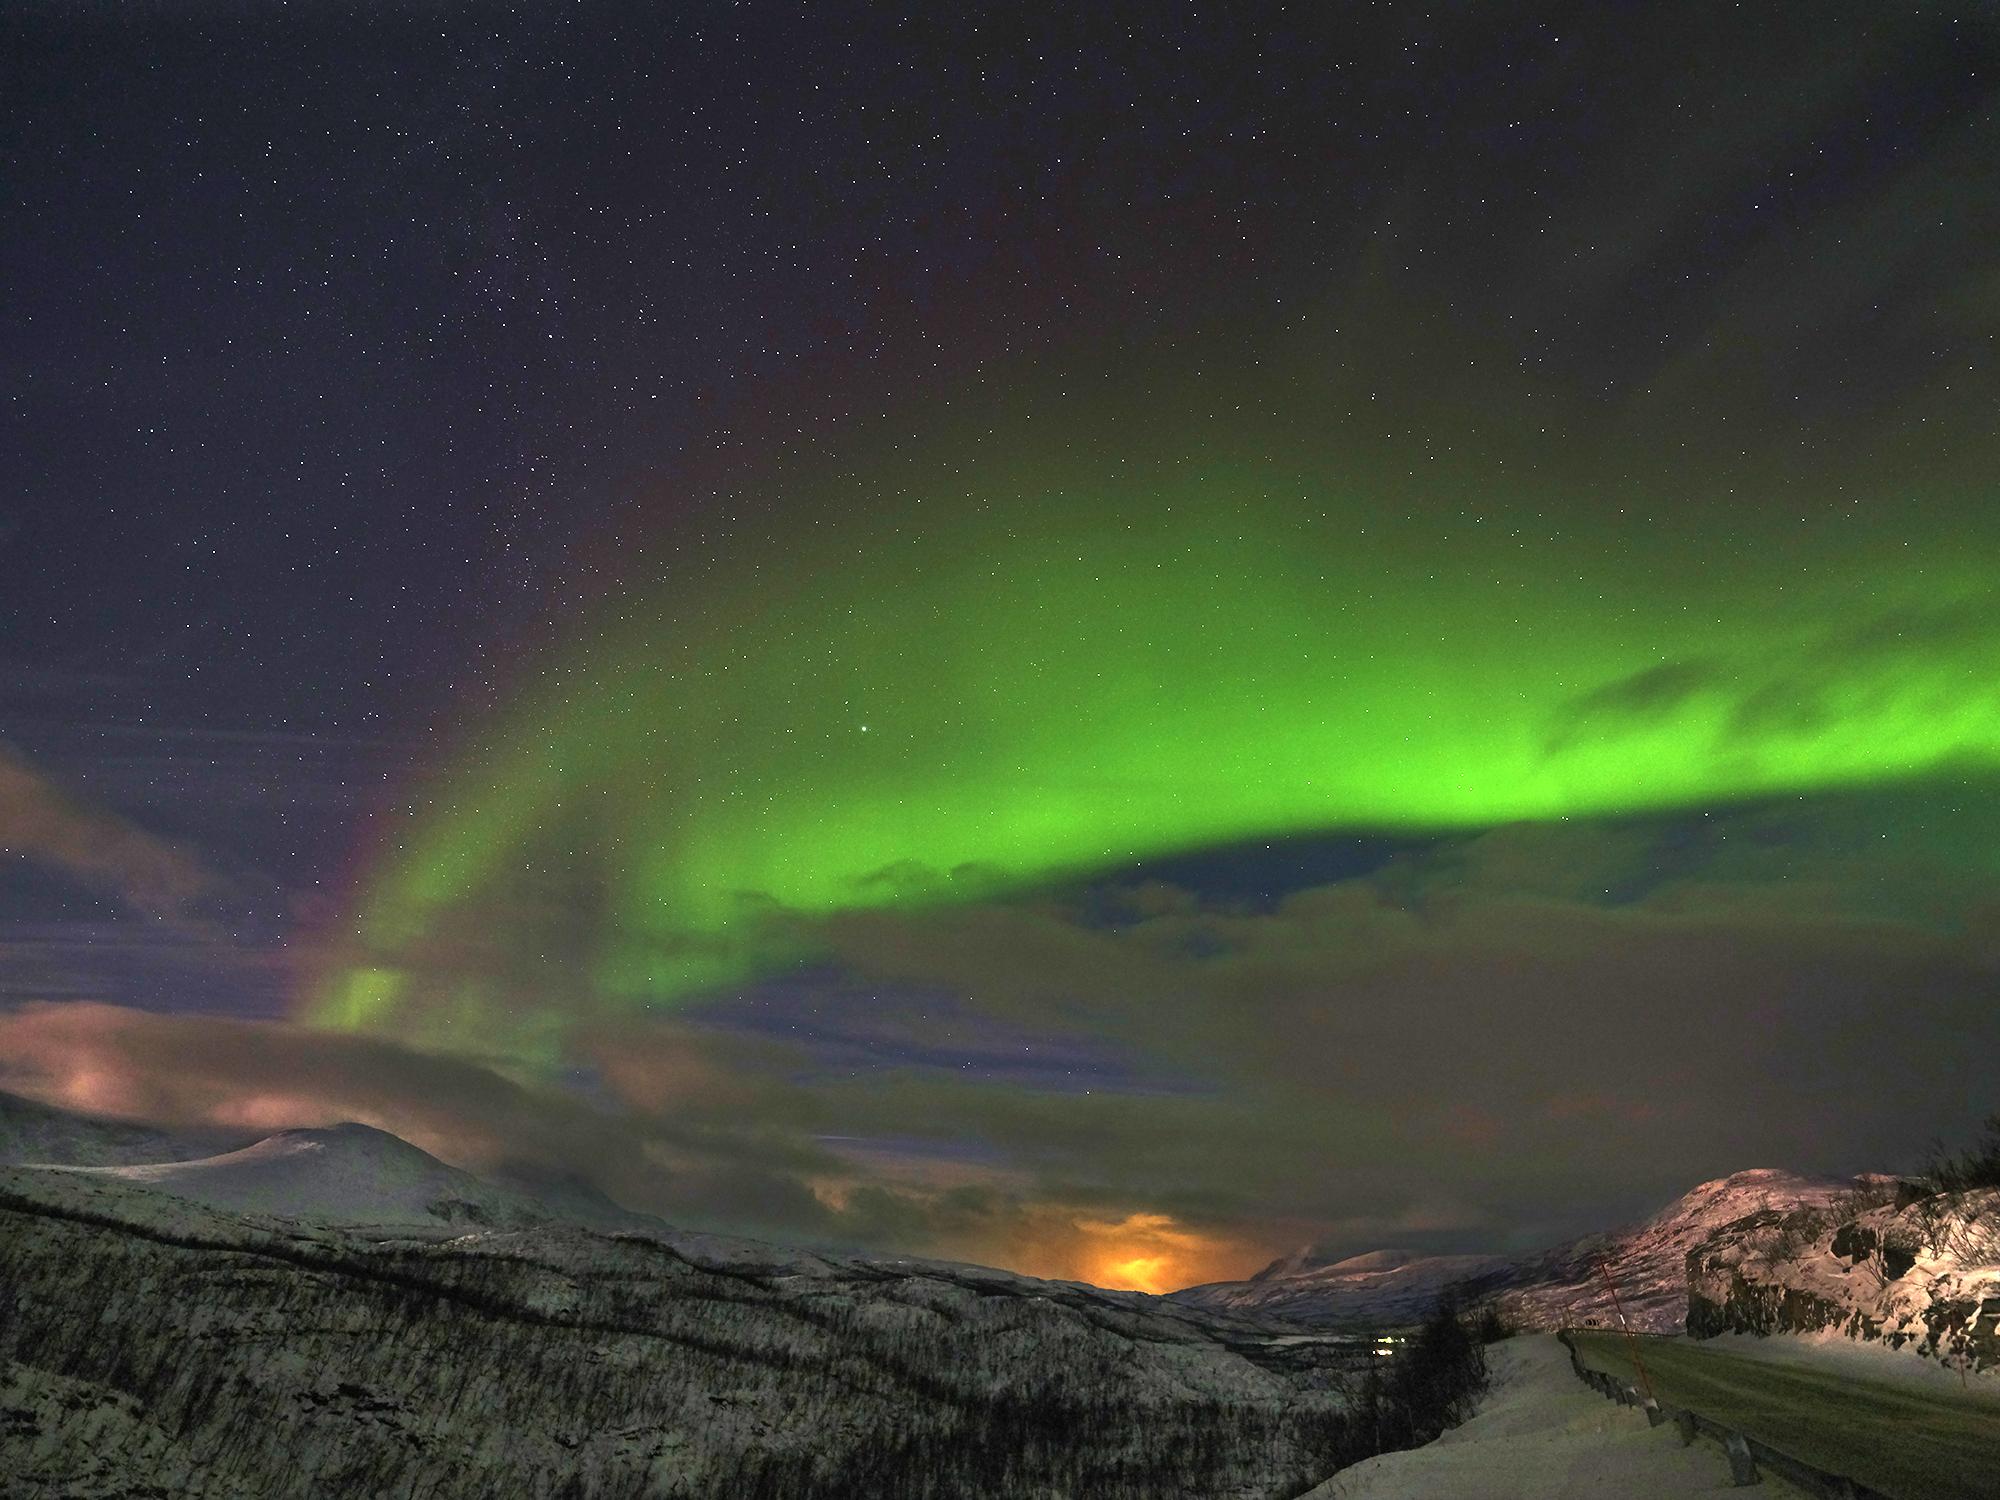 Simone Raso: in viaggio al circolo polare artico a caccia di aurore boreali e di paesaggi mozzafiato